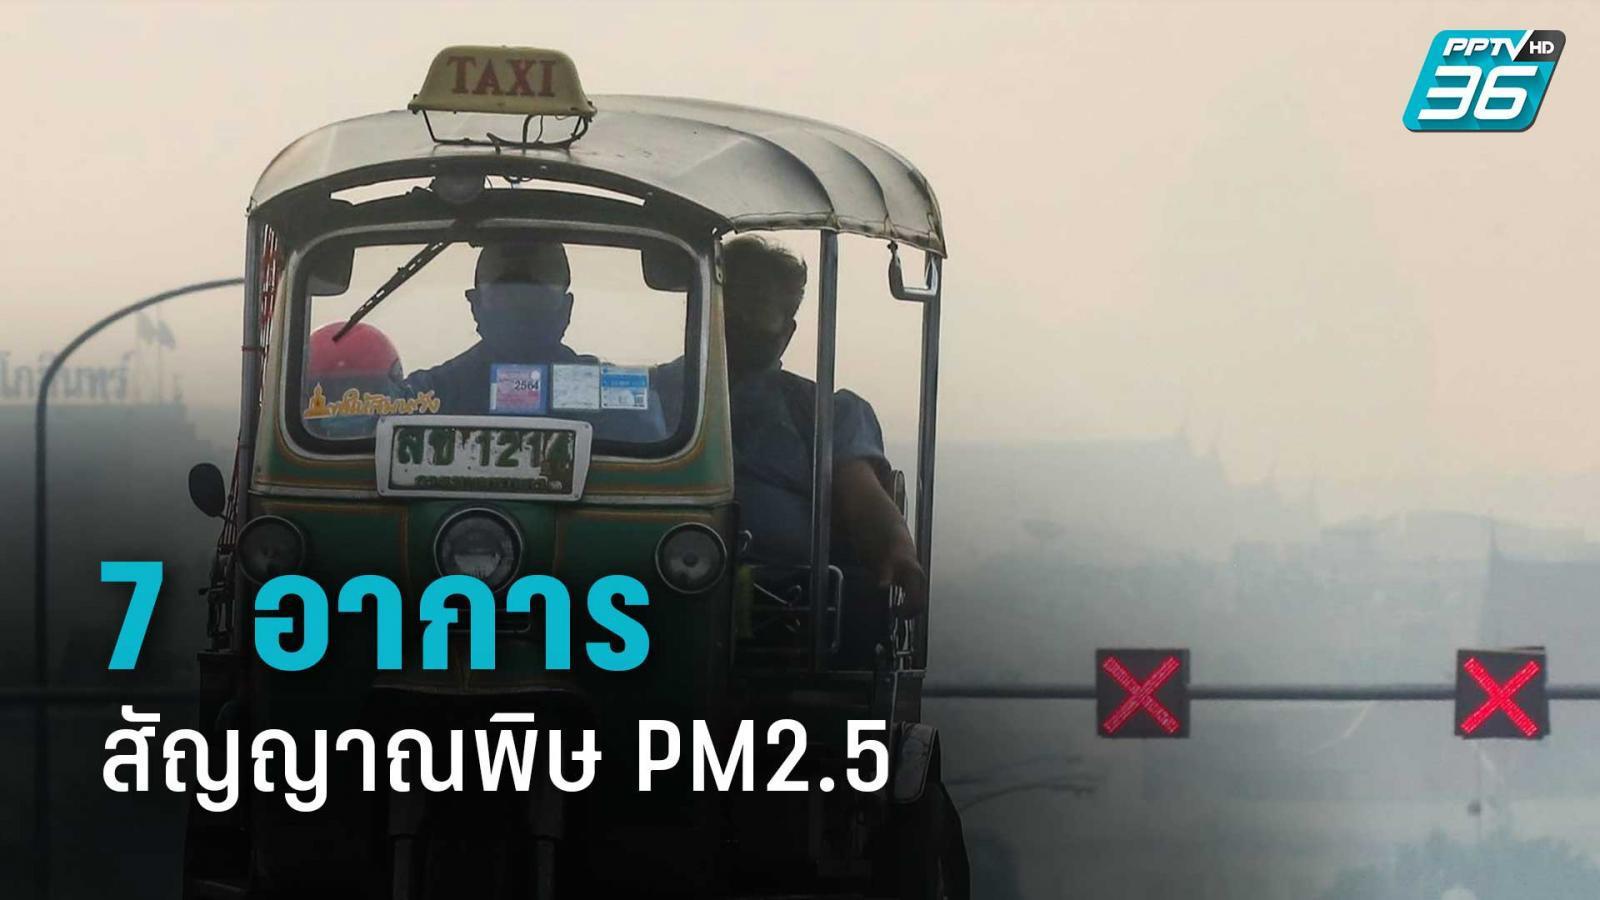 หมอเตือน 7 อาการ สัญญาณอันตราย PM2.5 กระทบสุขภาพ